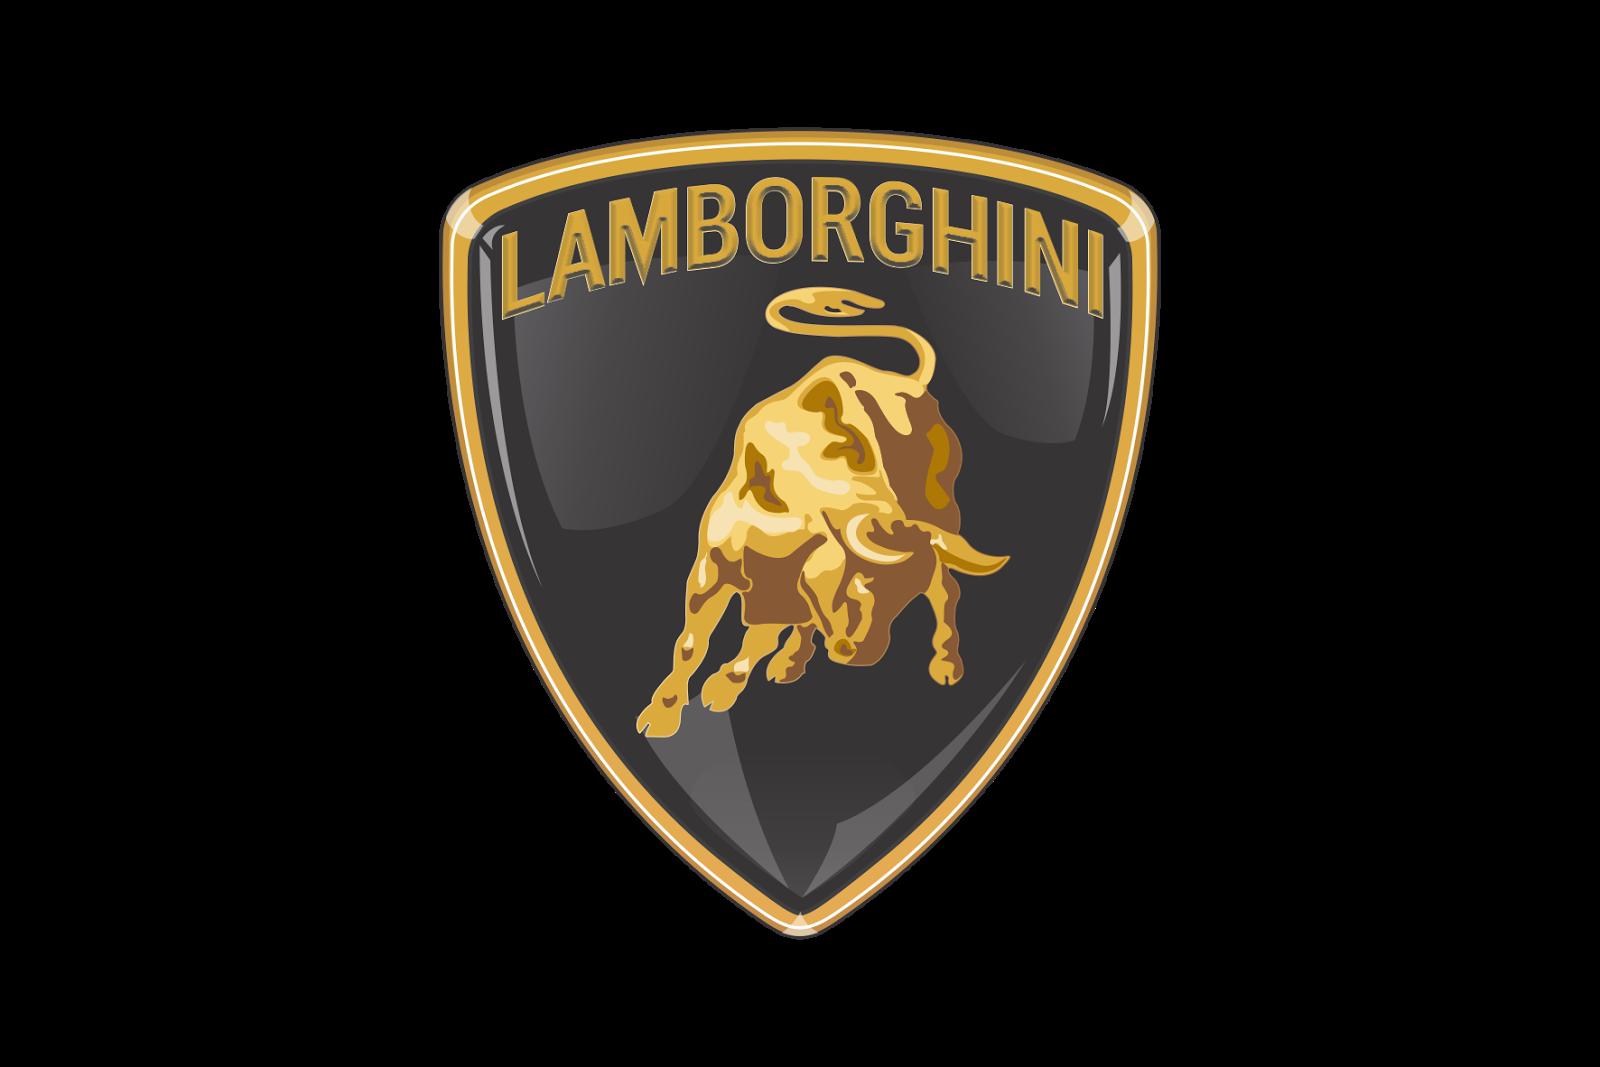 lamborghini bull logo logoshare